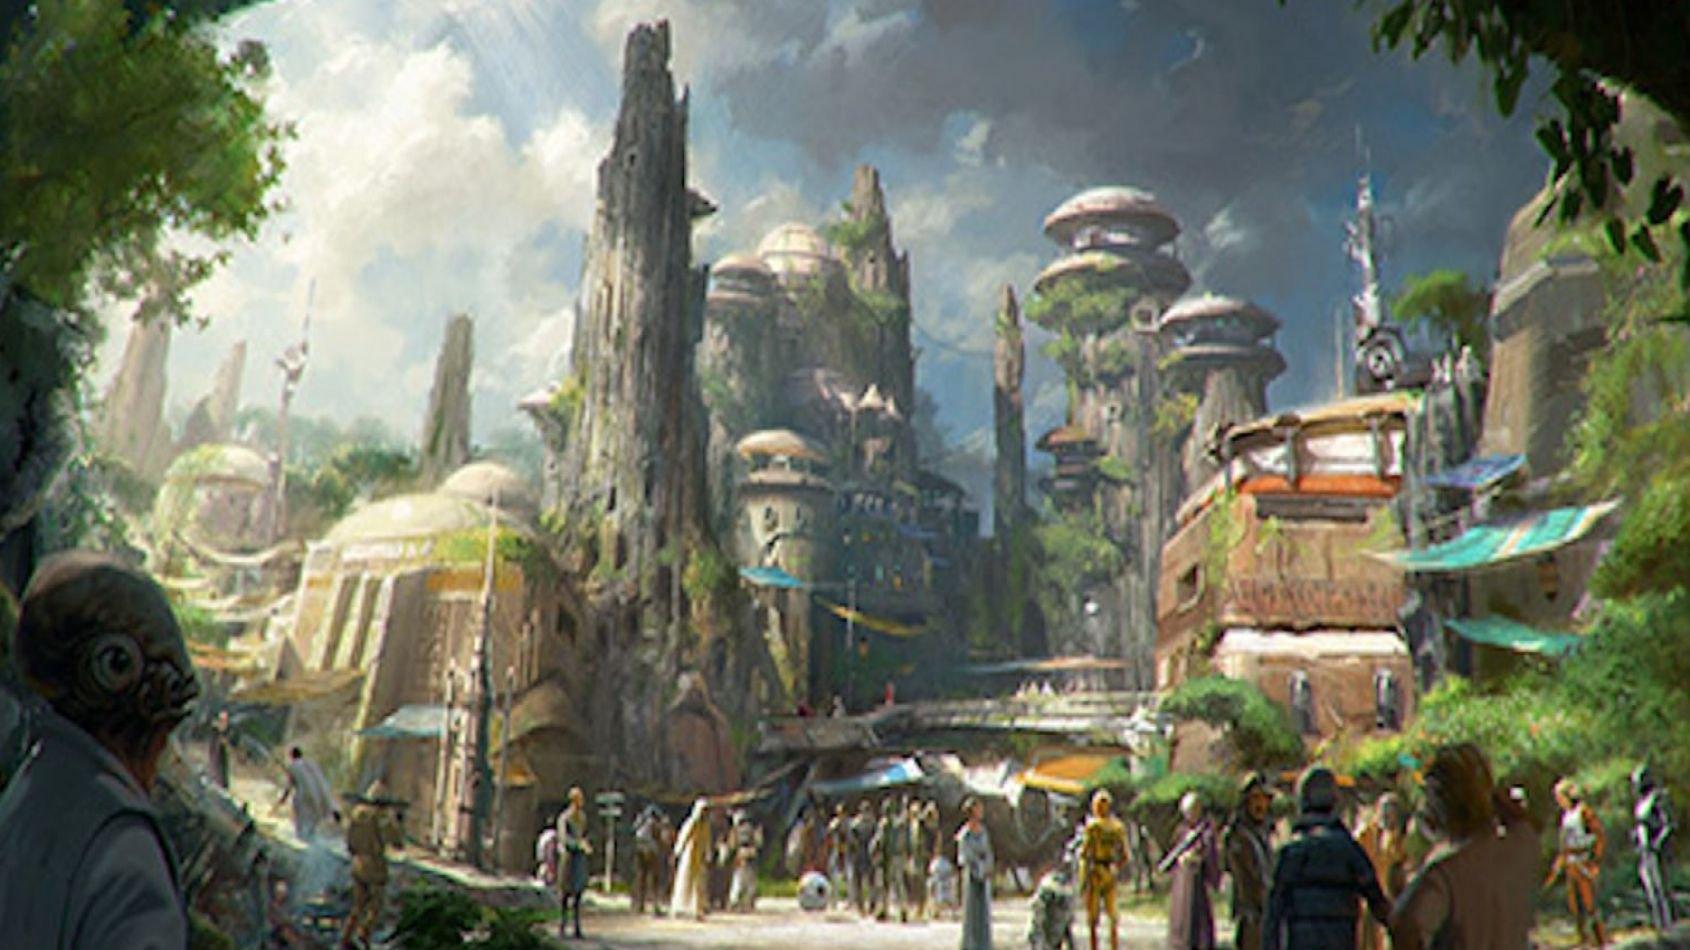 Un hôtel-expérience immersif Star Wars à Disney World?